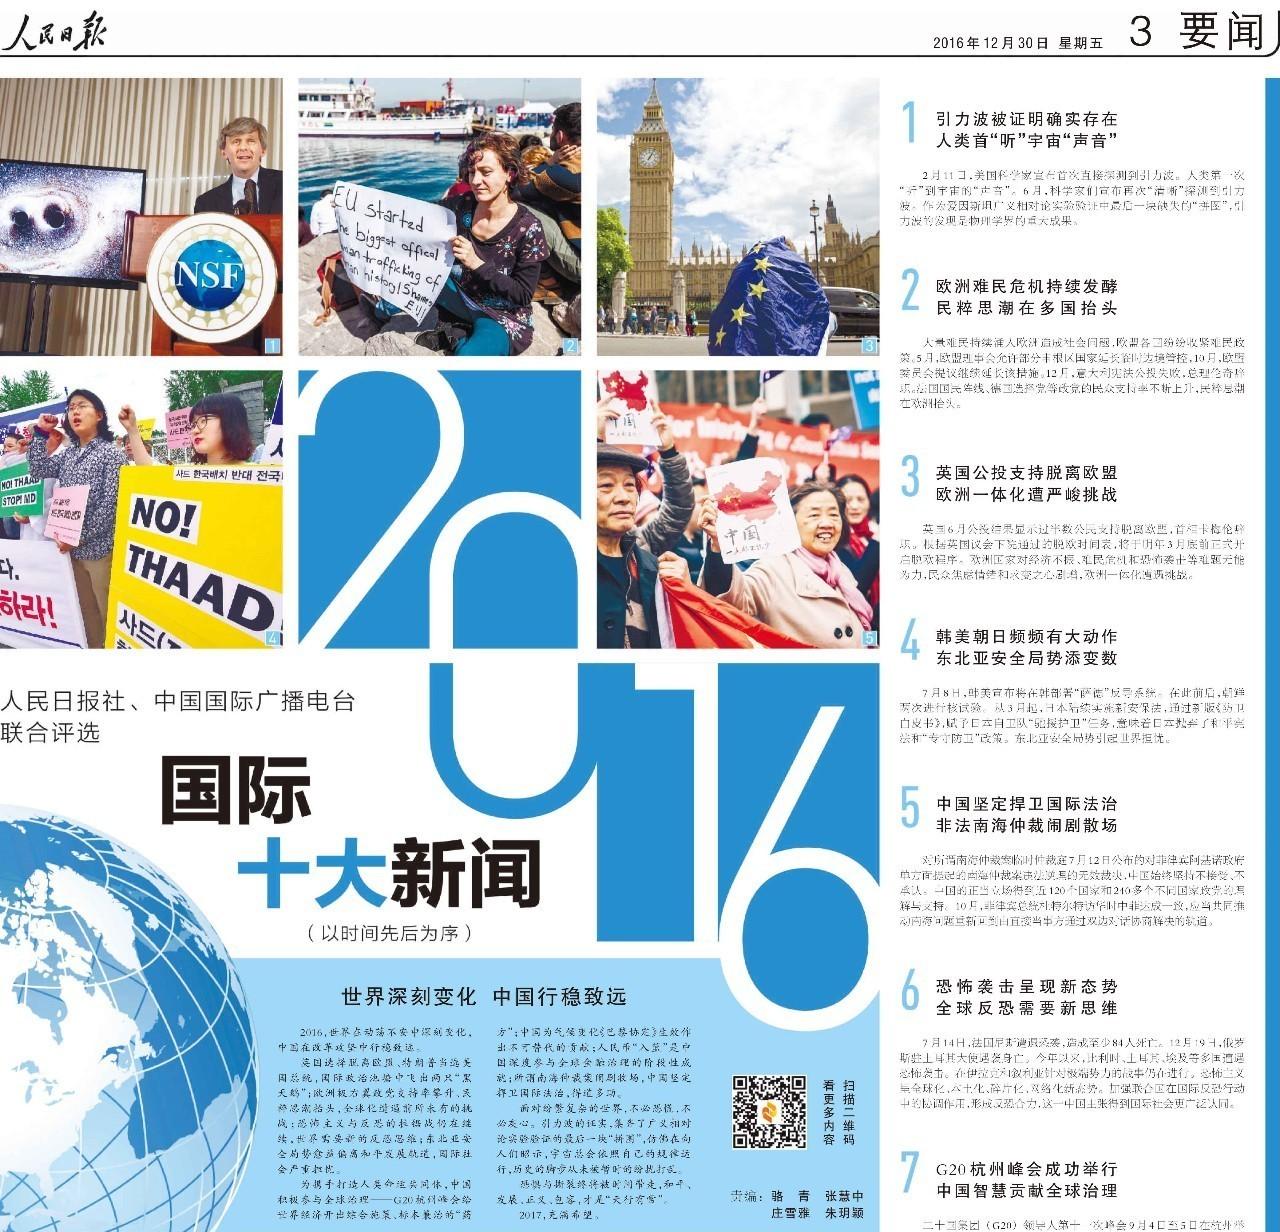 2016年国际十大新闻揭晓,和你想的一样吗?